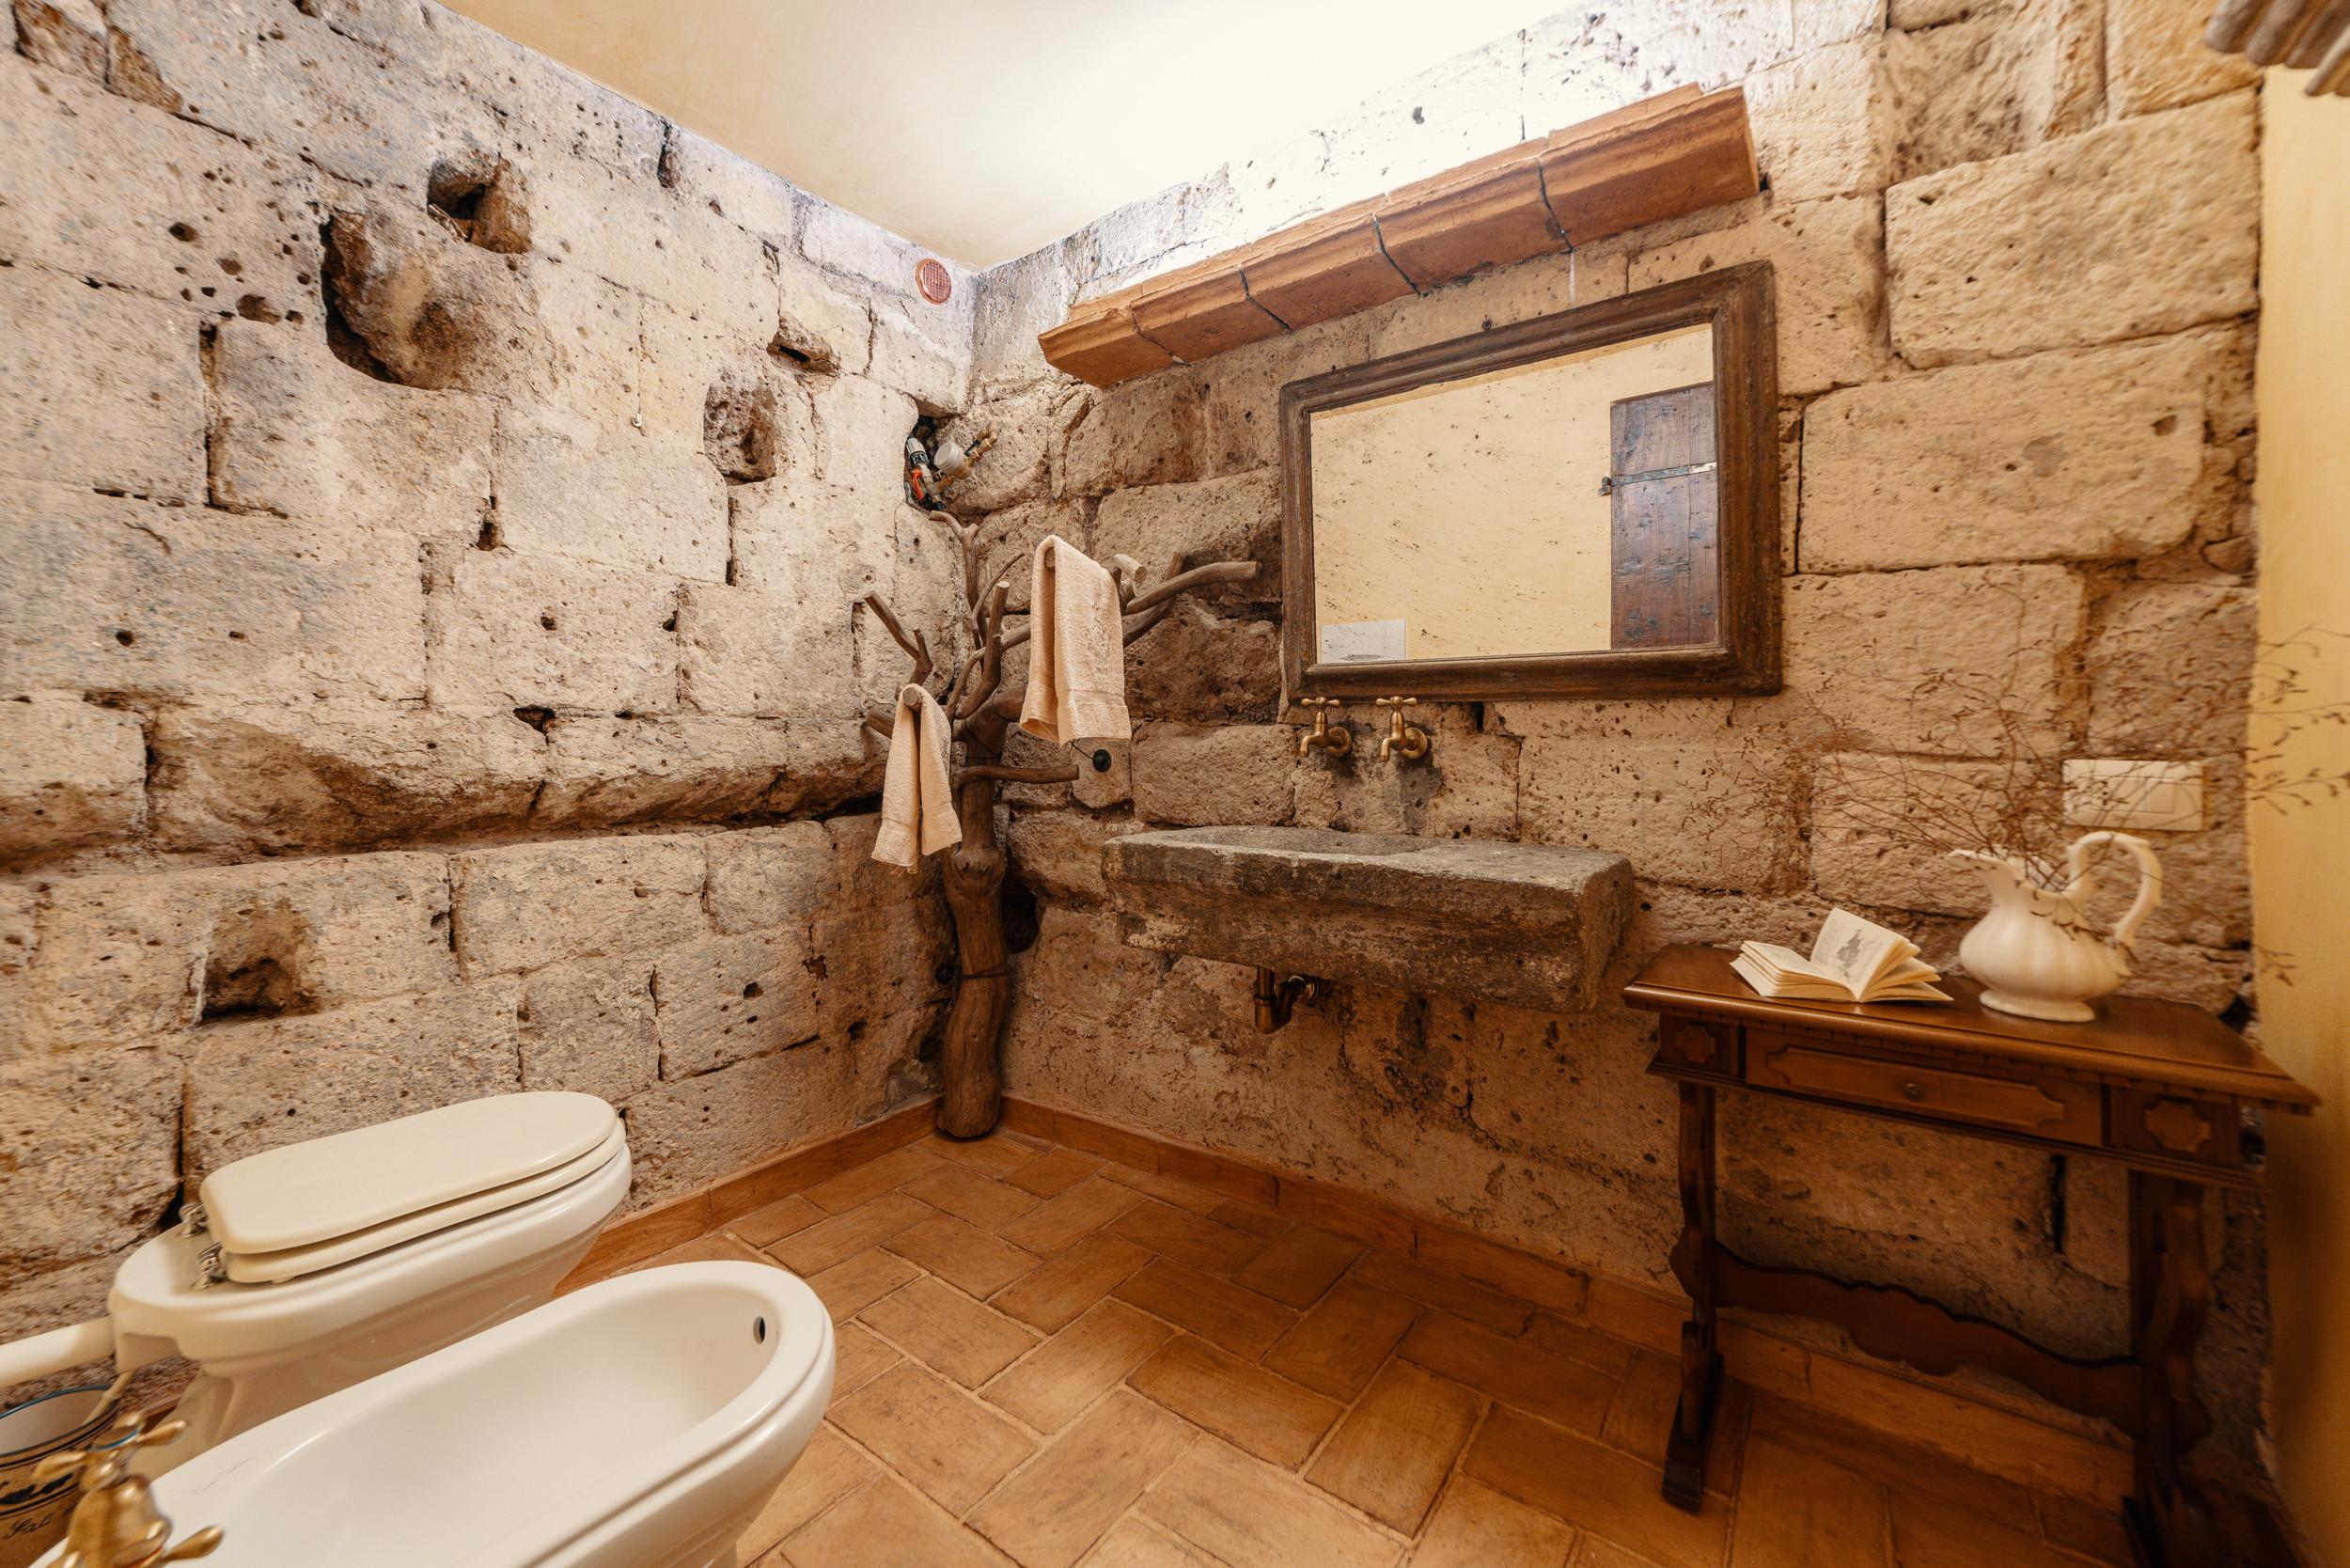 Bagno di servizio con parete di tufo.